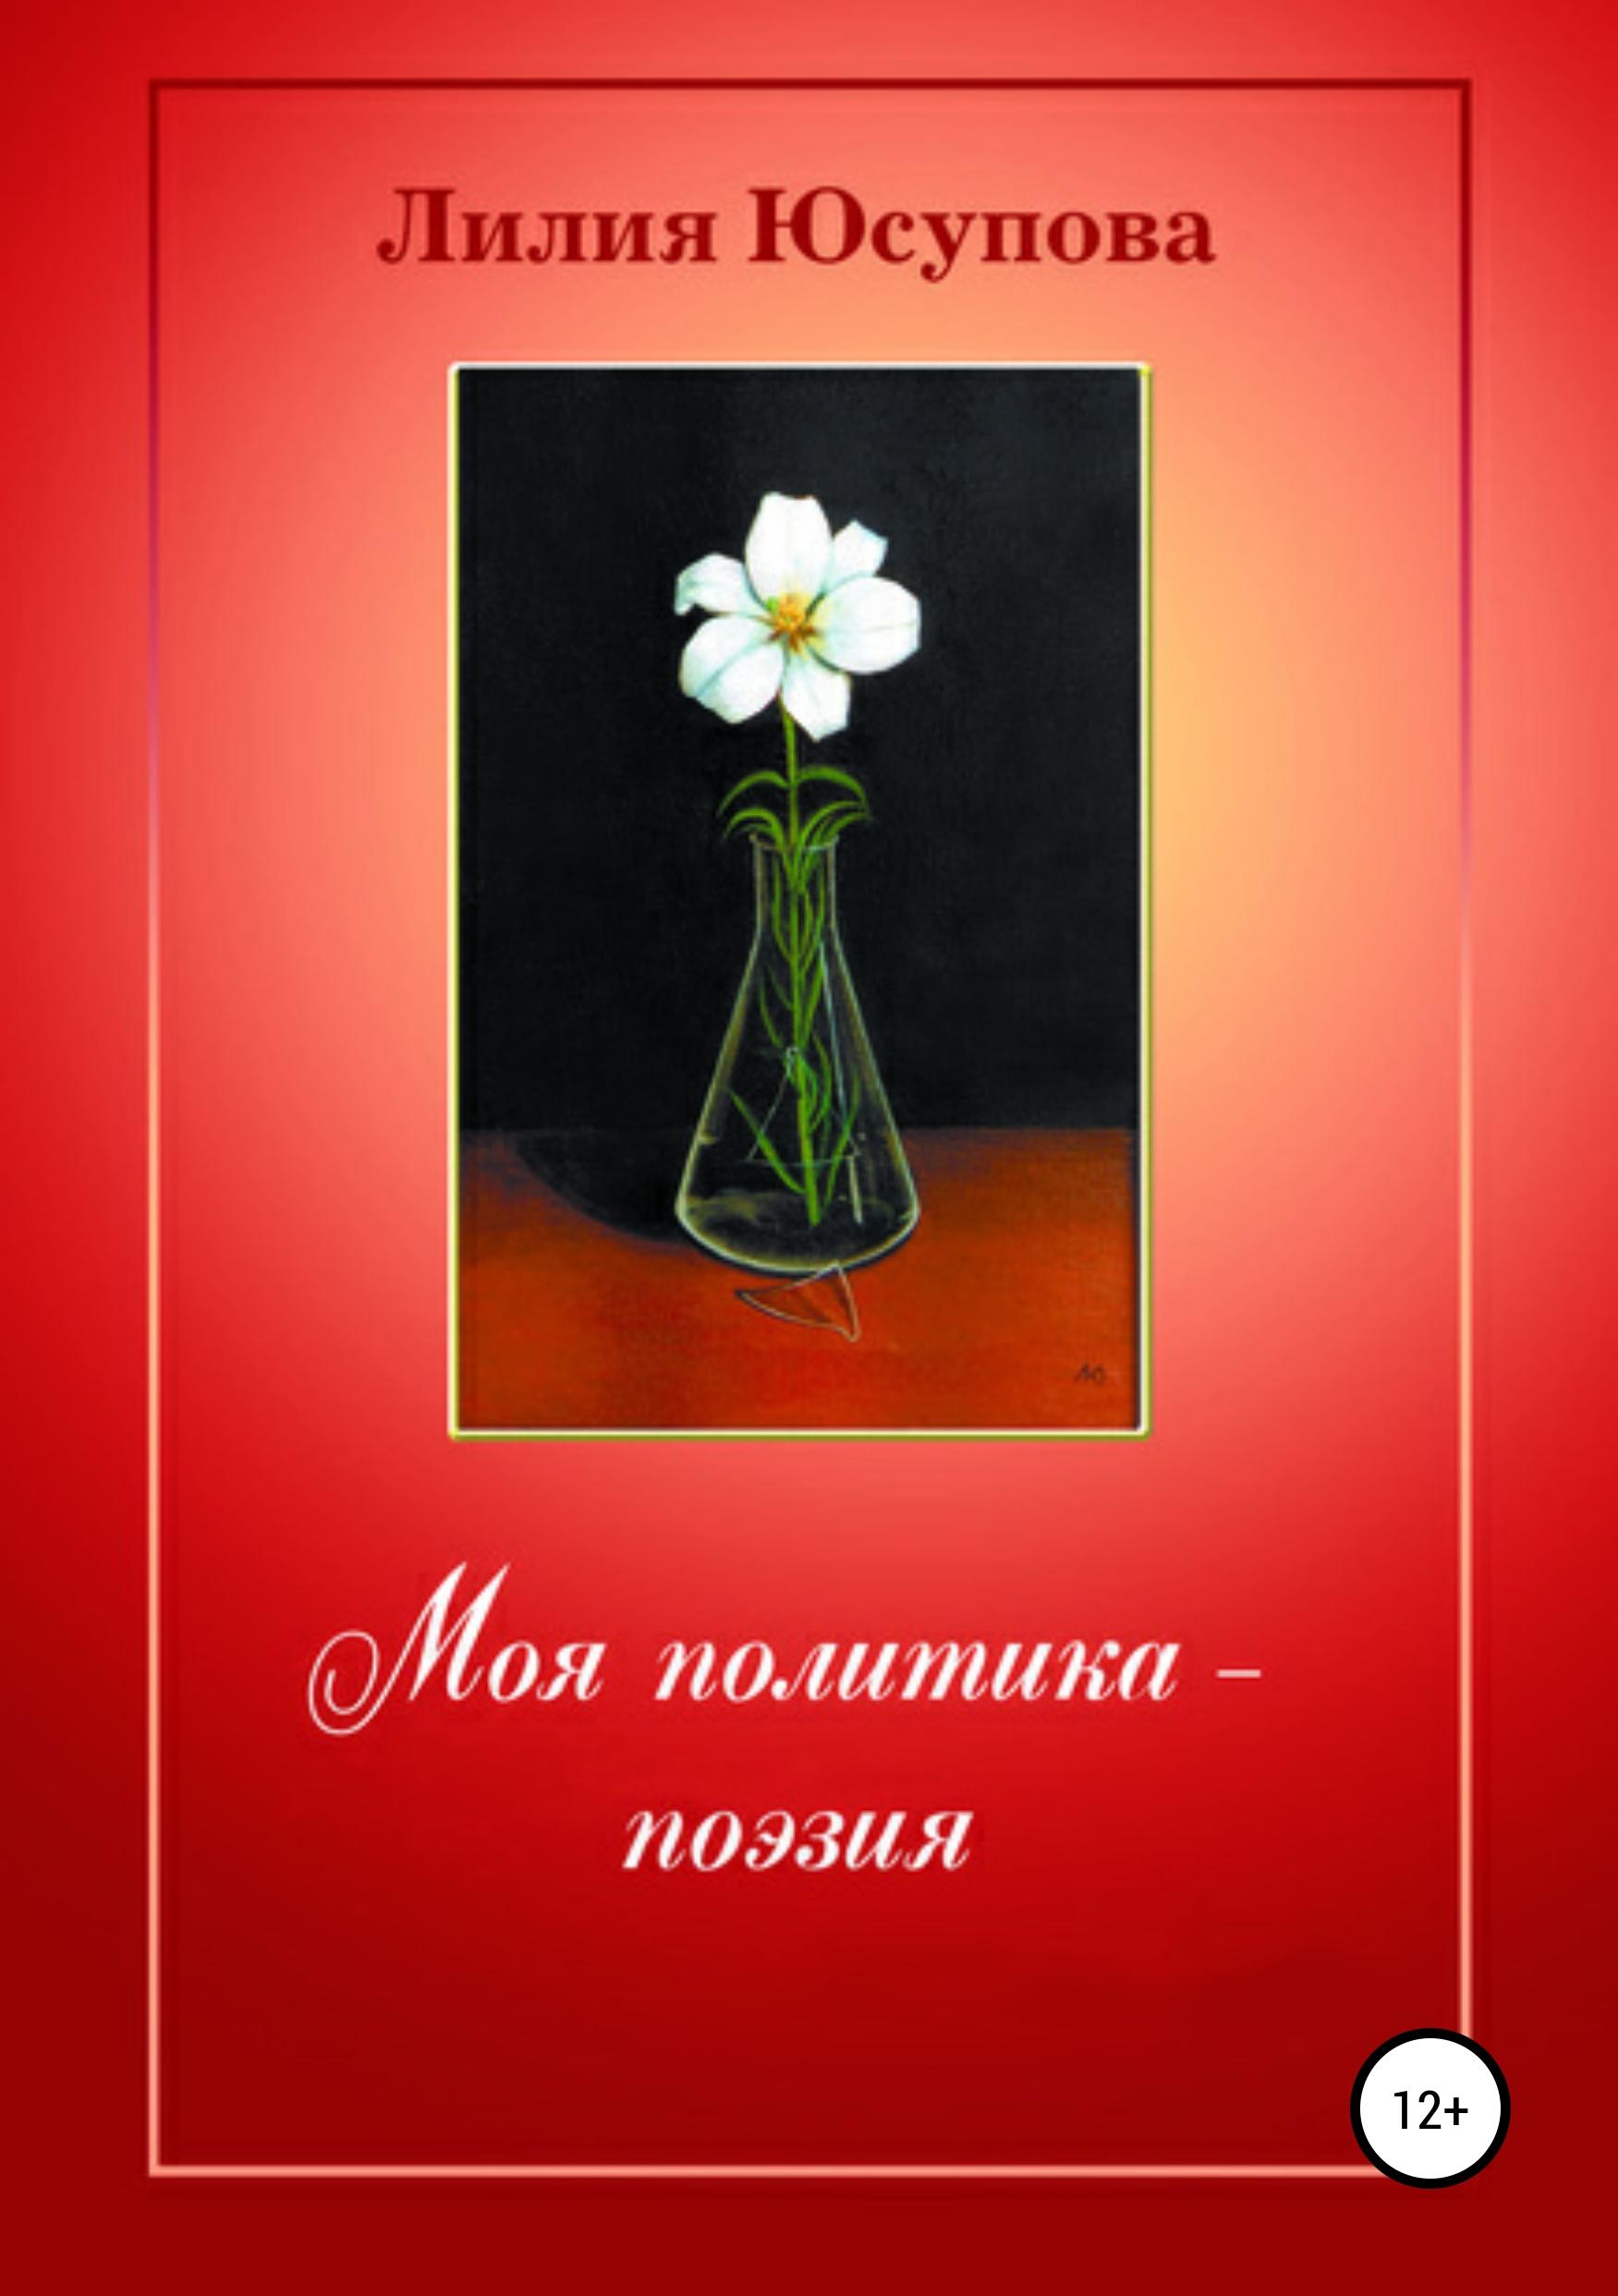 Лилия Юсупова Моя политика – поэзия ватлин станислав викторович любовь и боль моя россия поэзия